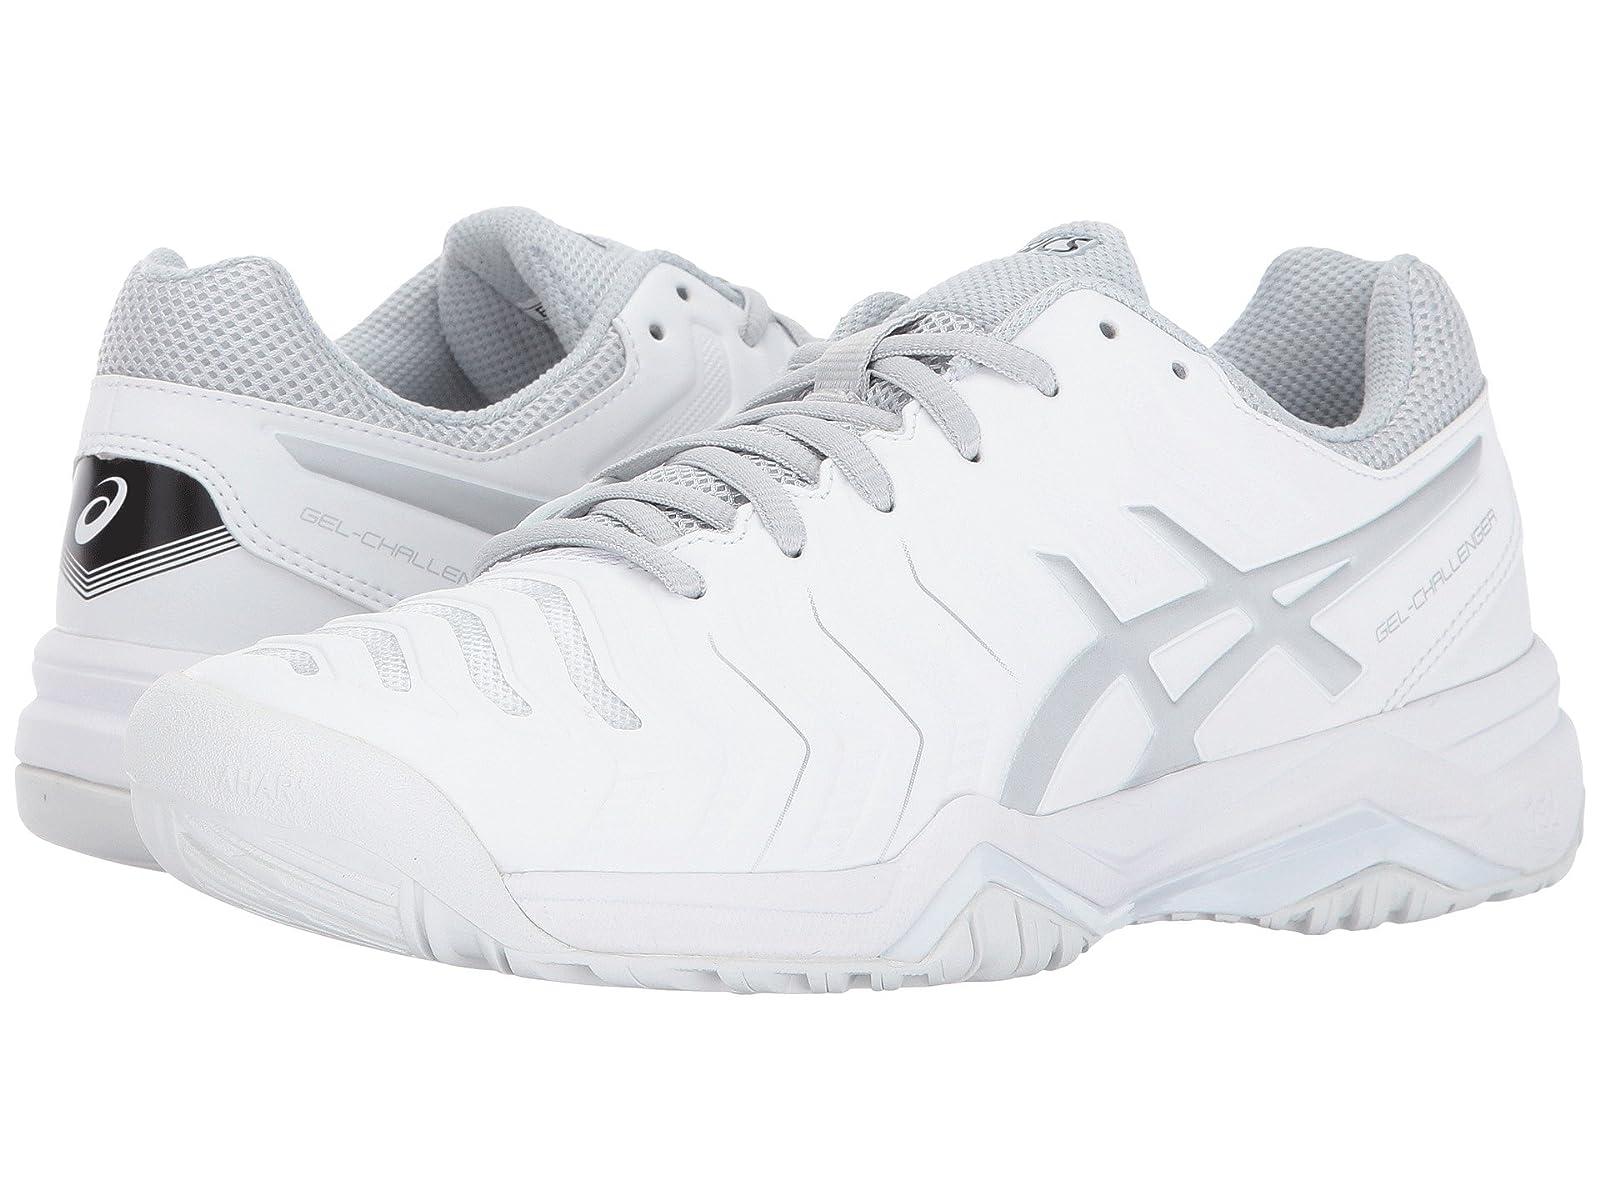 ASICS Gel-Challenger 11Atmospheric grades have affordable shoes